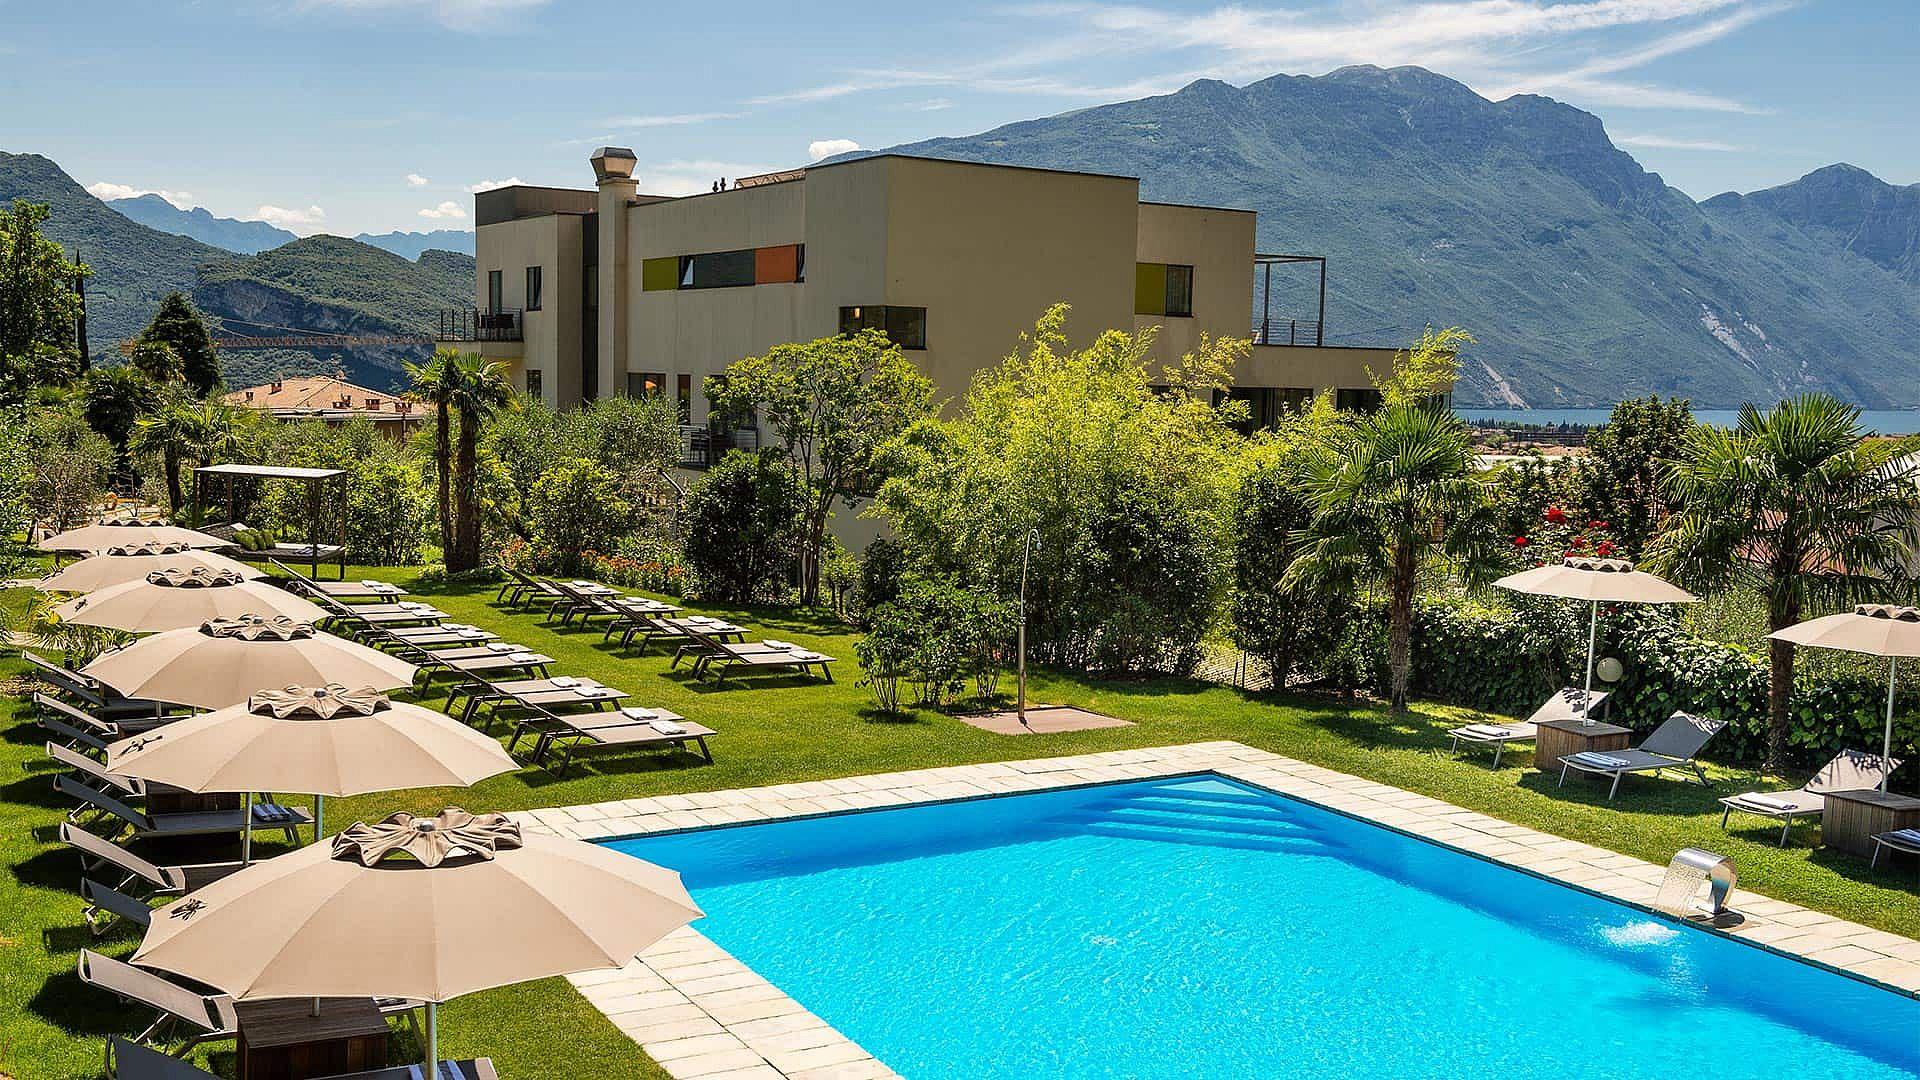 Babyhotel Am Gardasee Urlaub Mit Kleinkind Hotel Gioiosa